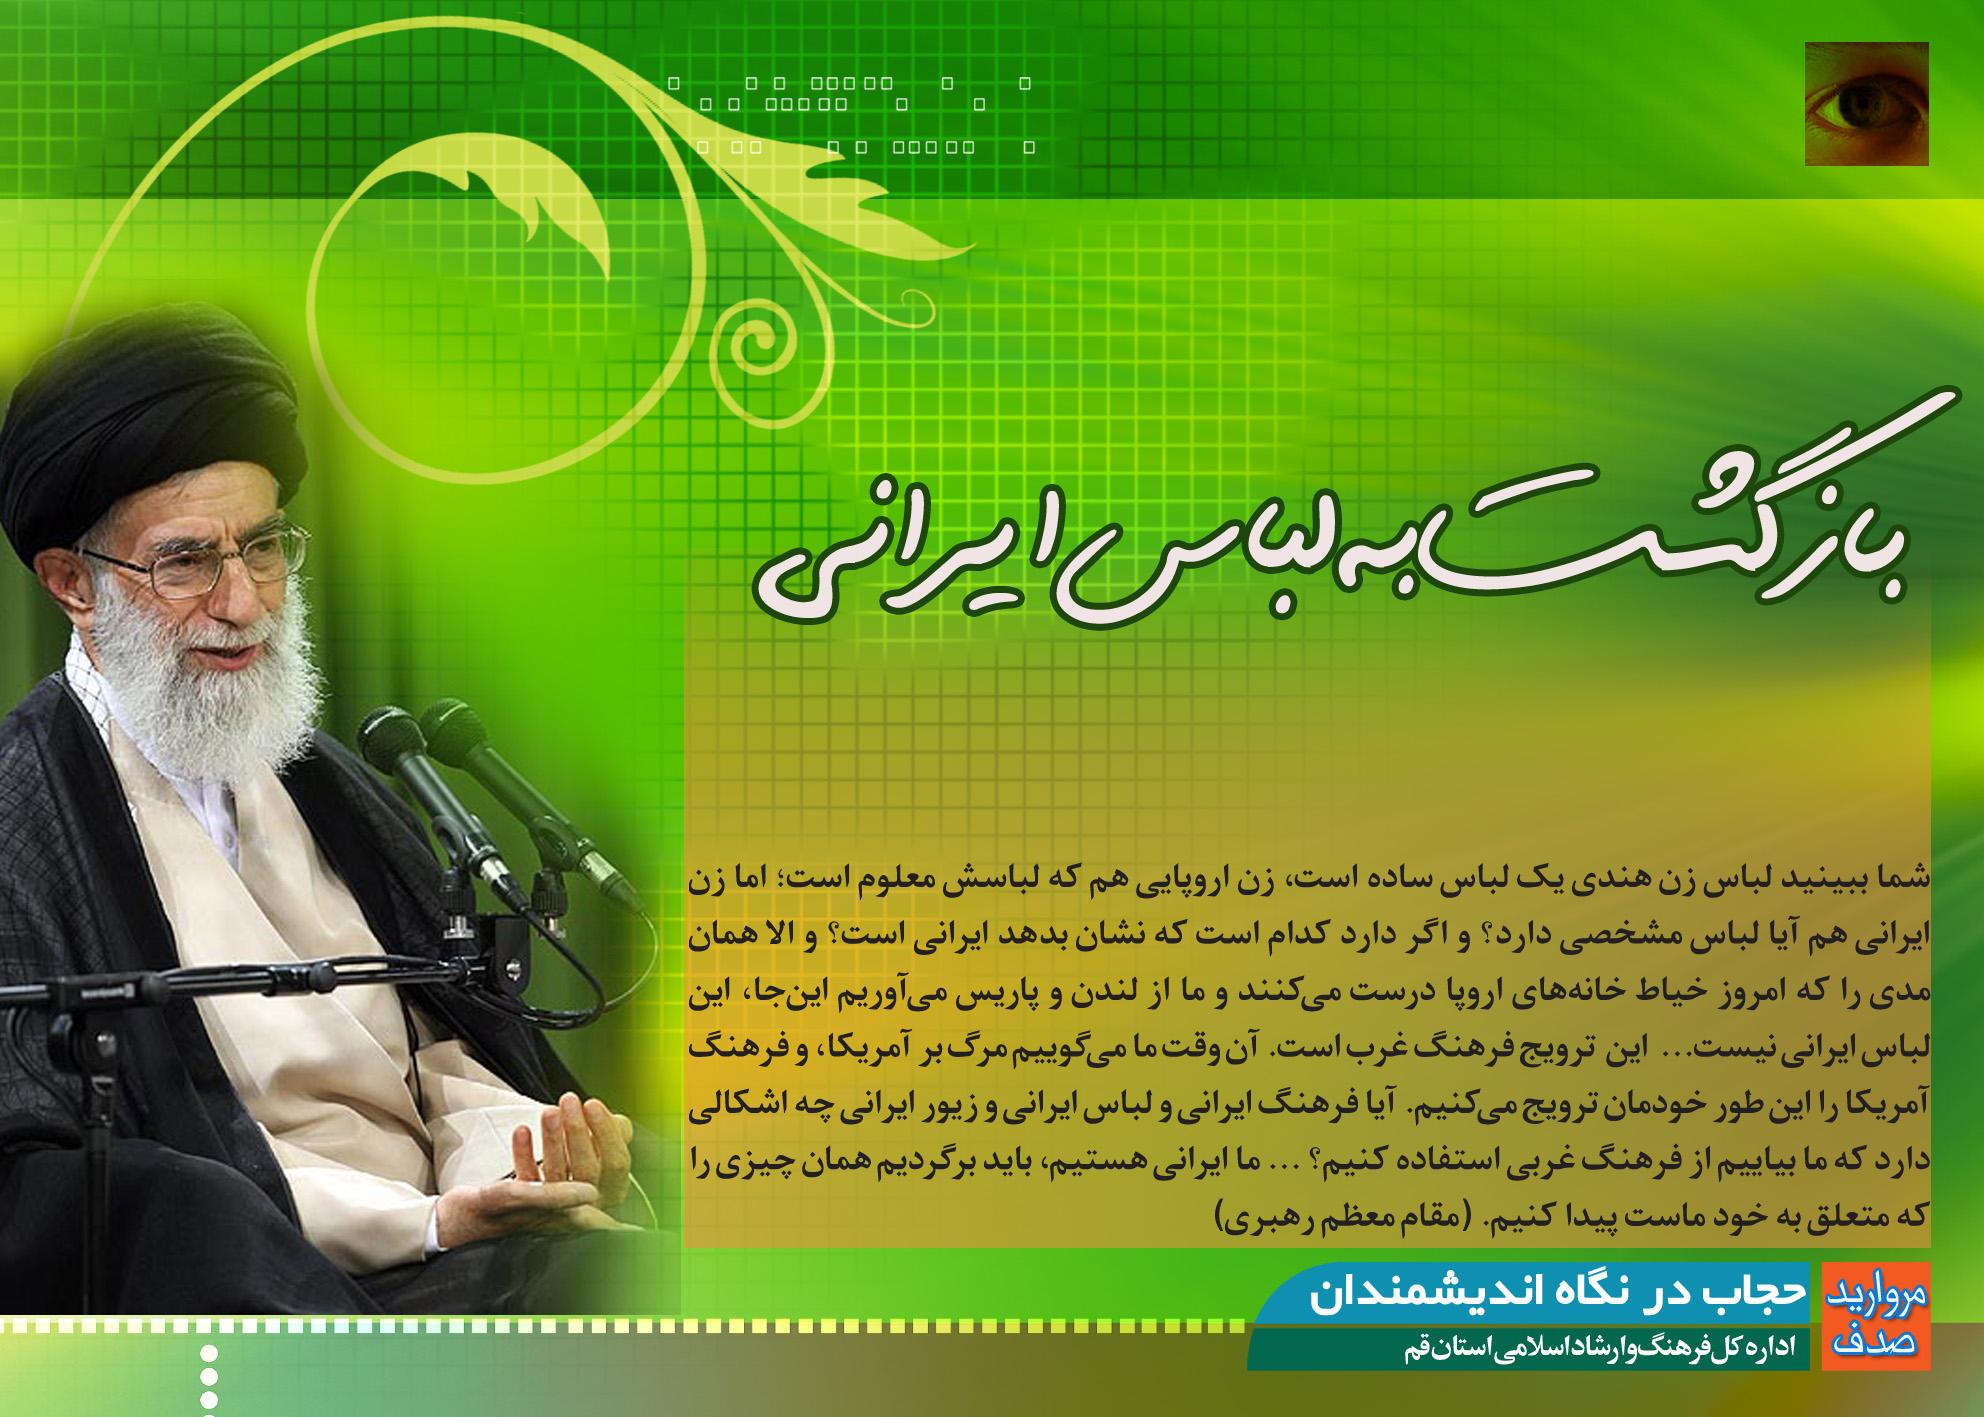 http://dl.aviny.com/karikator/mozoei/hijab/kamel/85.jpg